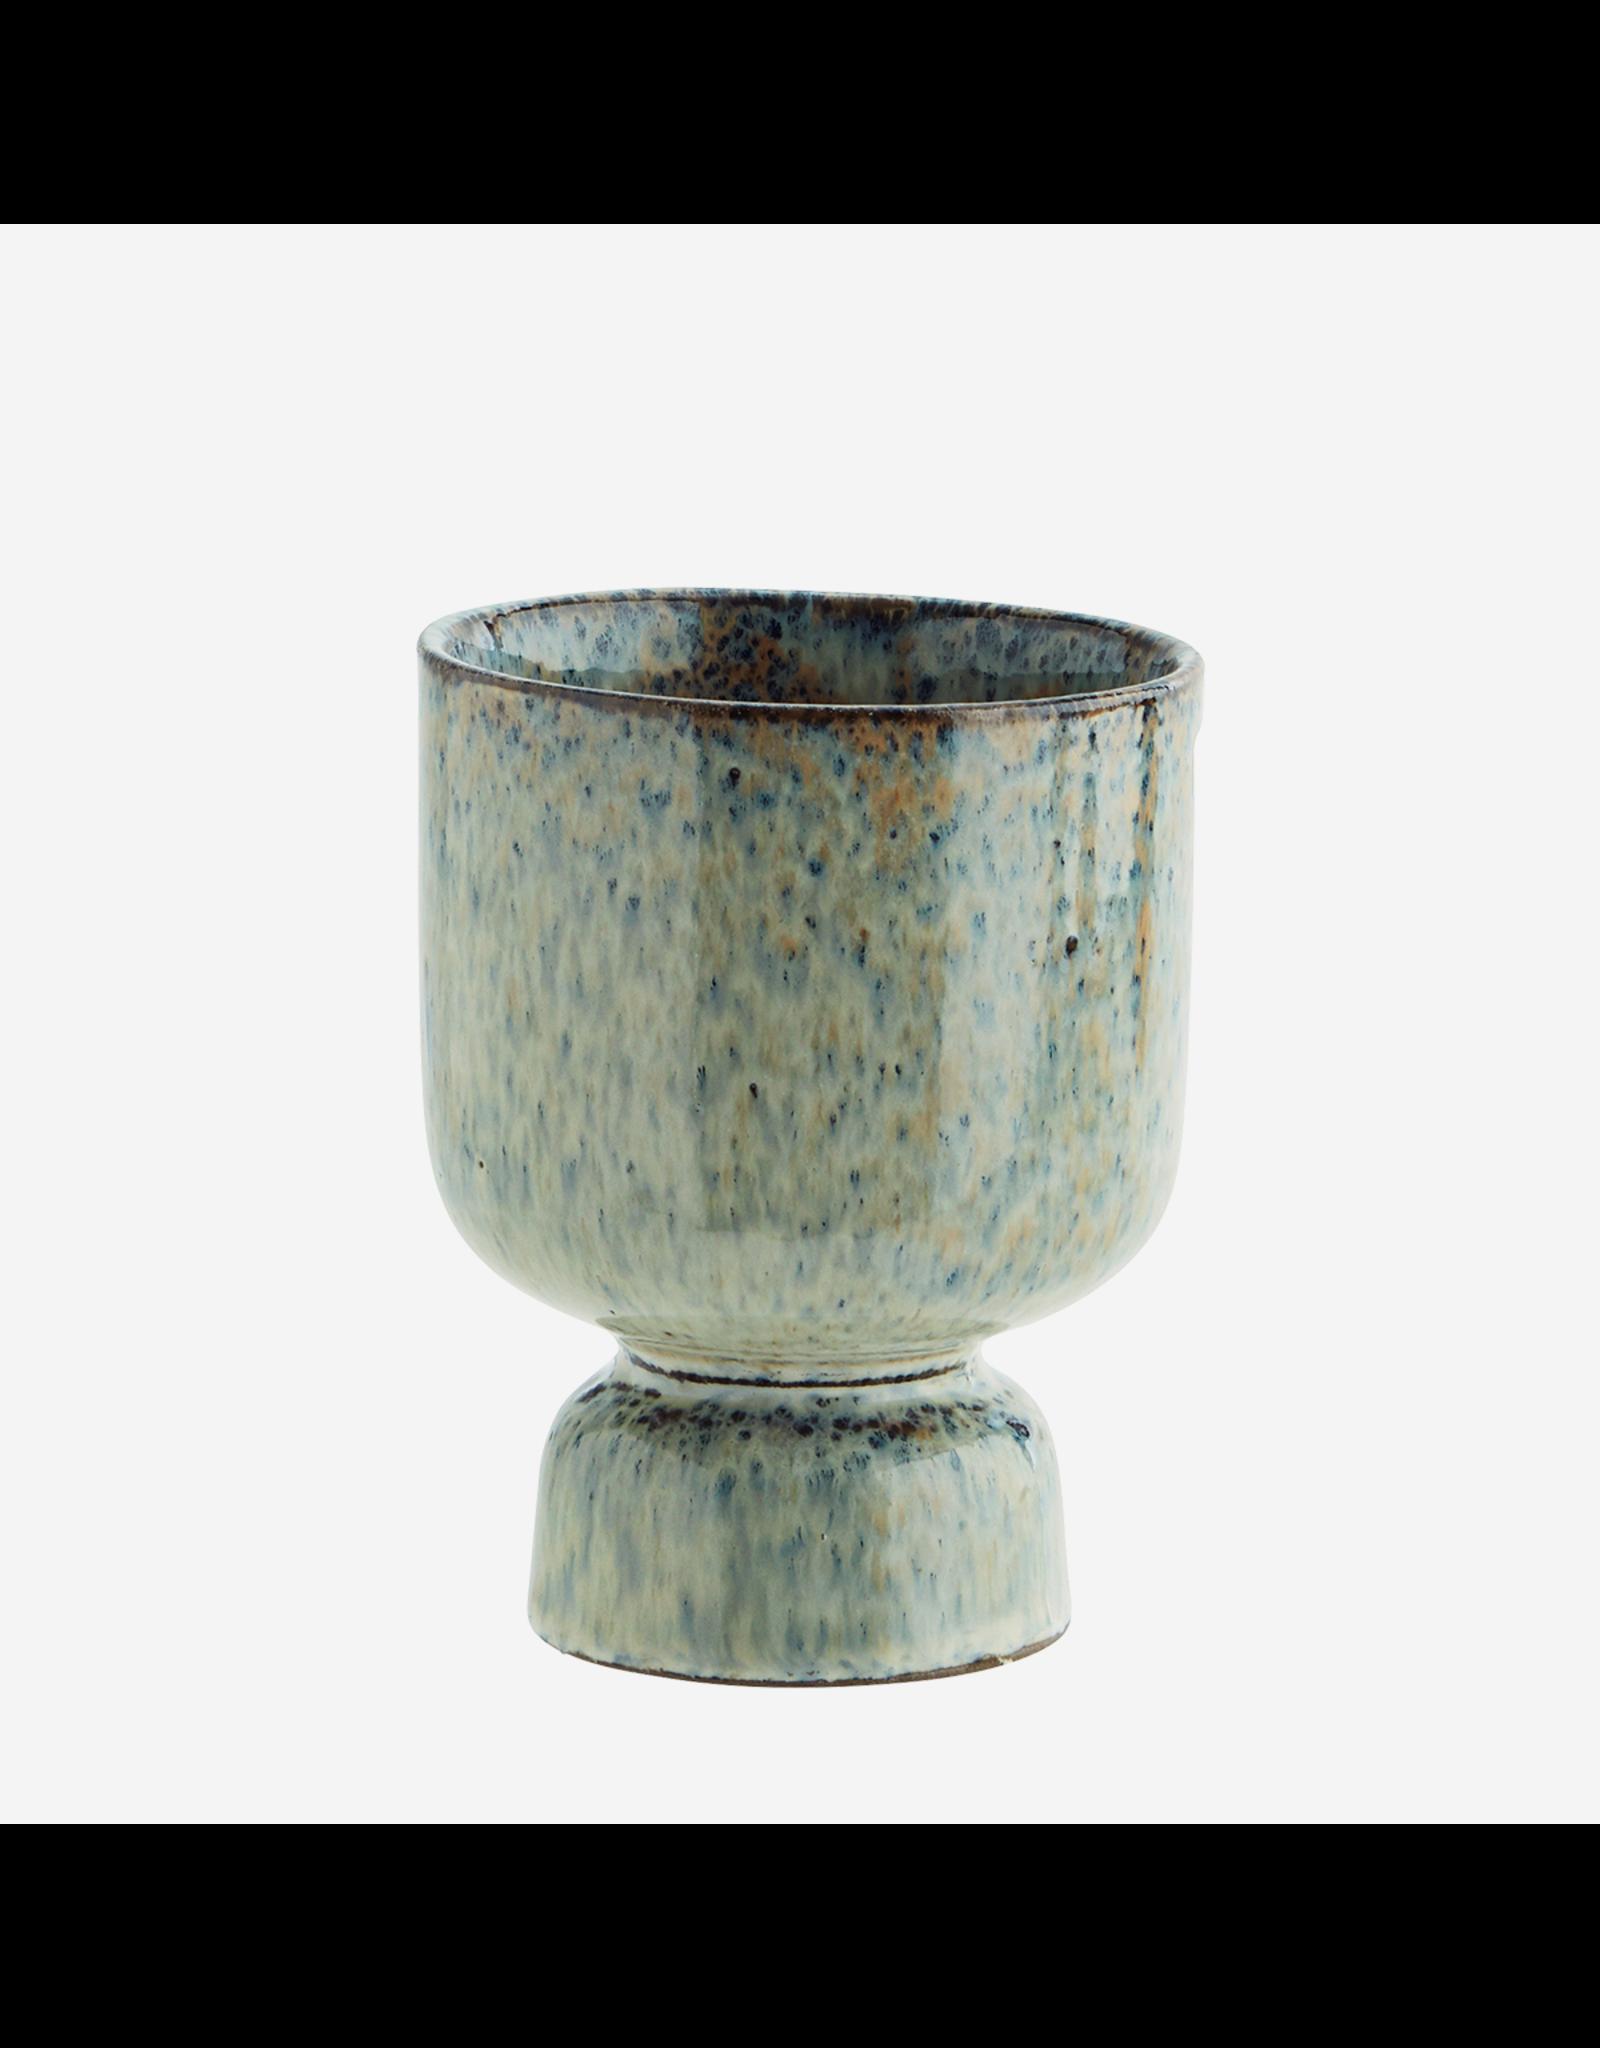 Madam Stolz Bloempot - blauw en roest - Ø 10,5 x H 13,5 cm - Steen